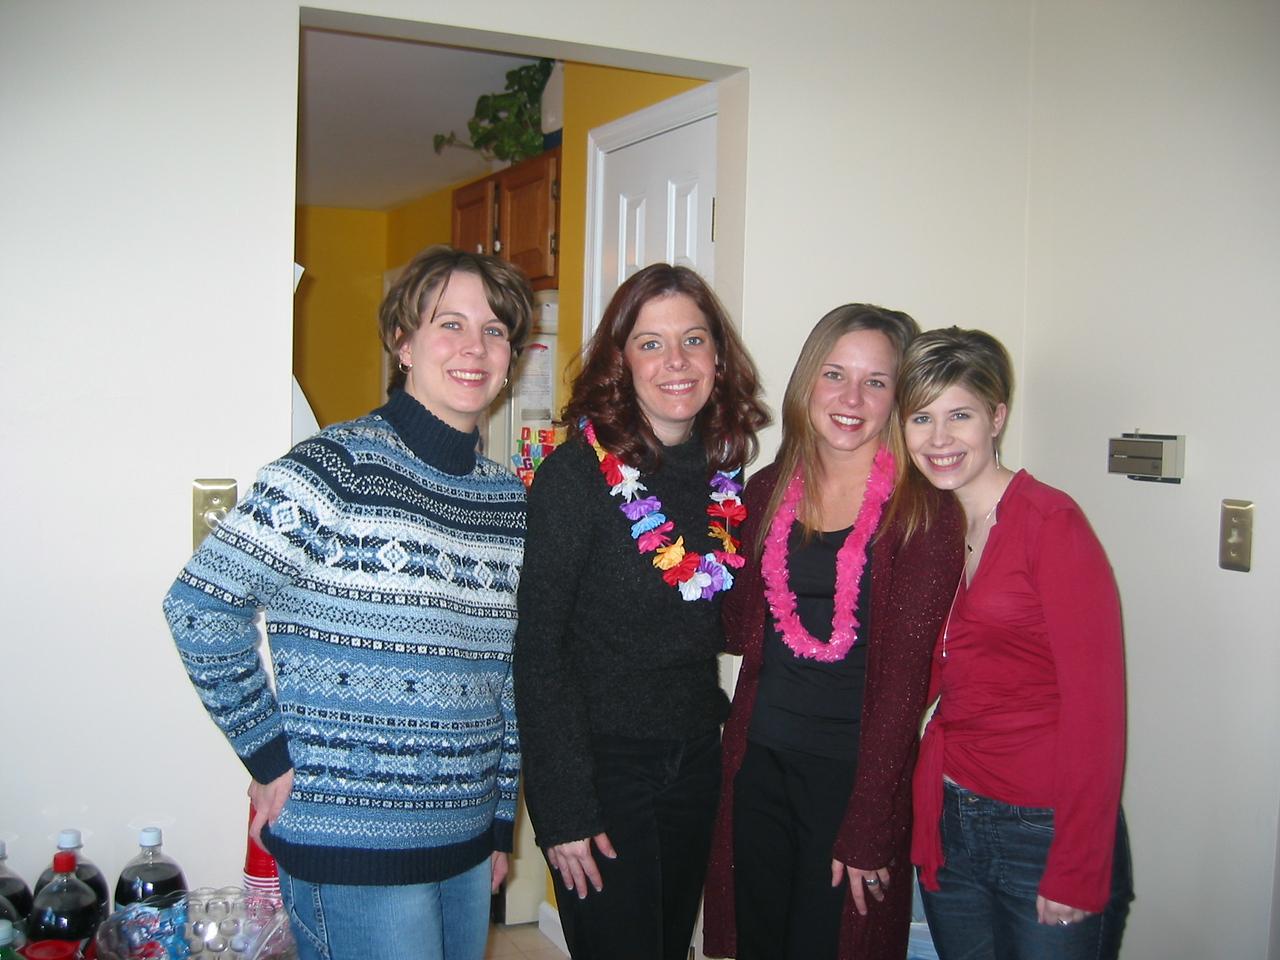 Amy, Cara, Erica and Rebecca